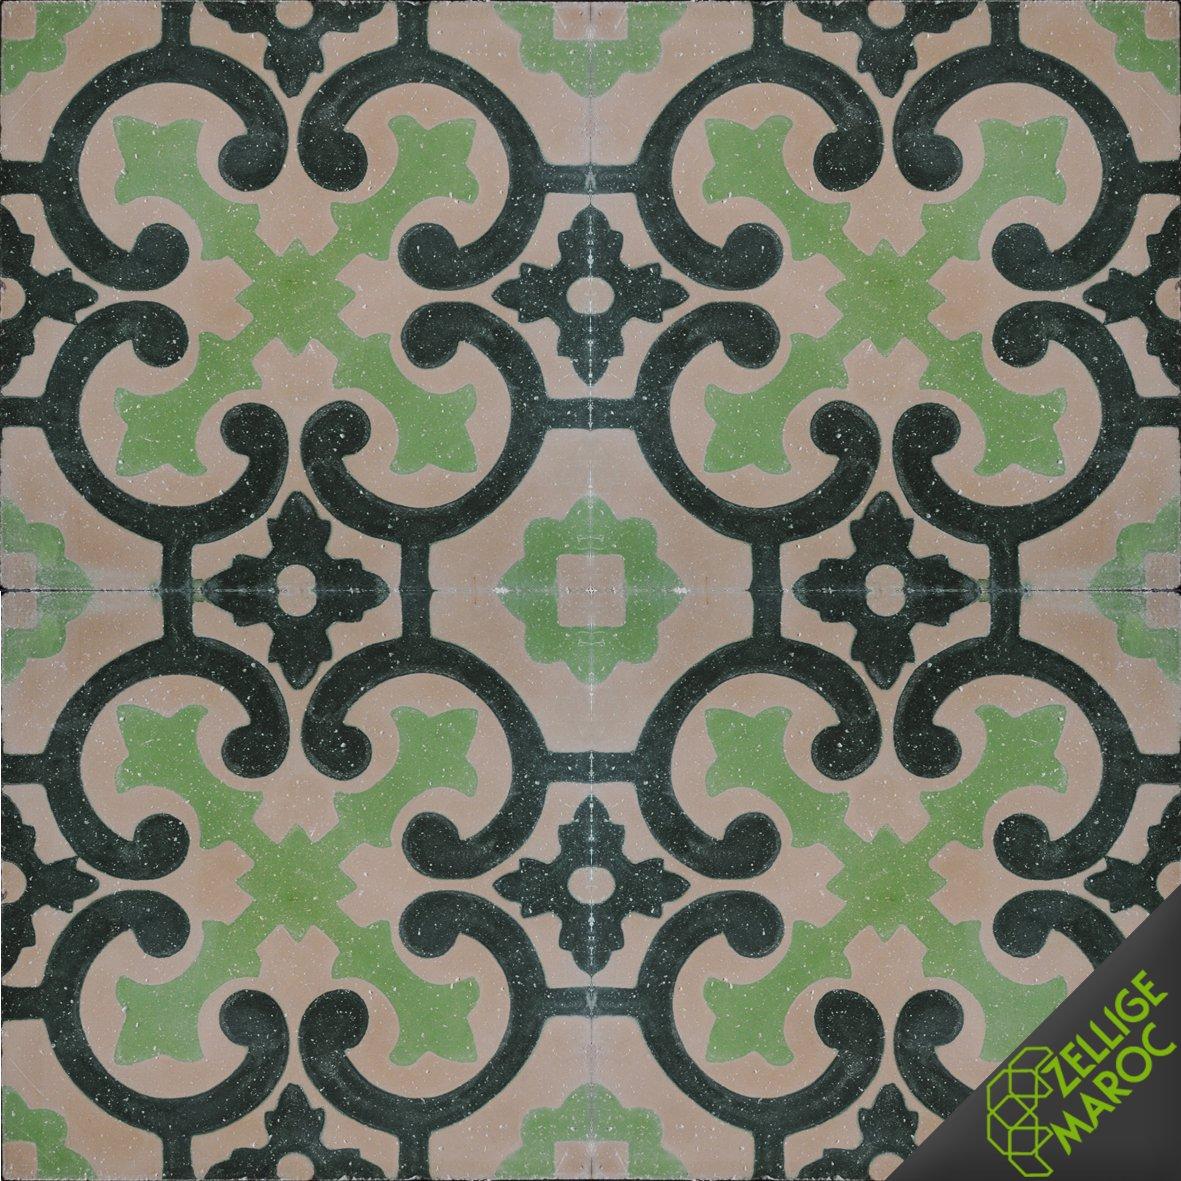 Carreaux ciment t51 zellige maroc - Carreaux ciment maroc ...